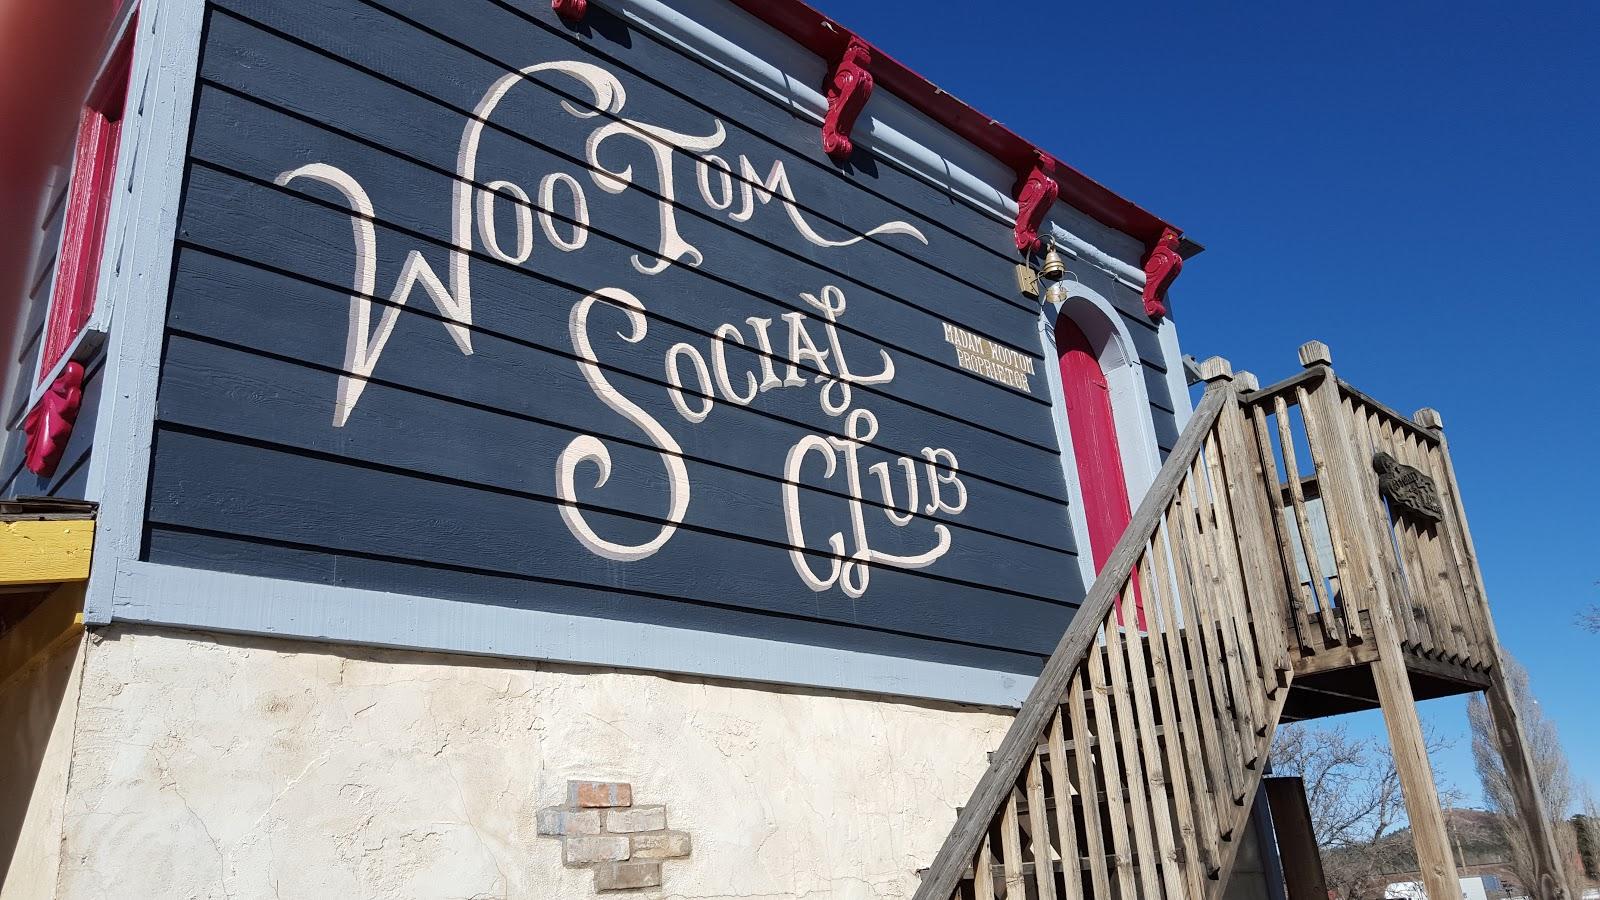 Woo Tom Social Club Williams, AZ